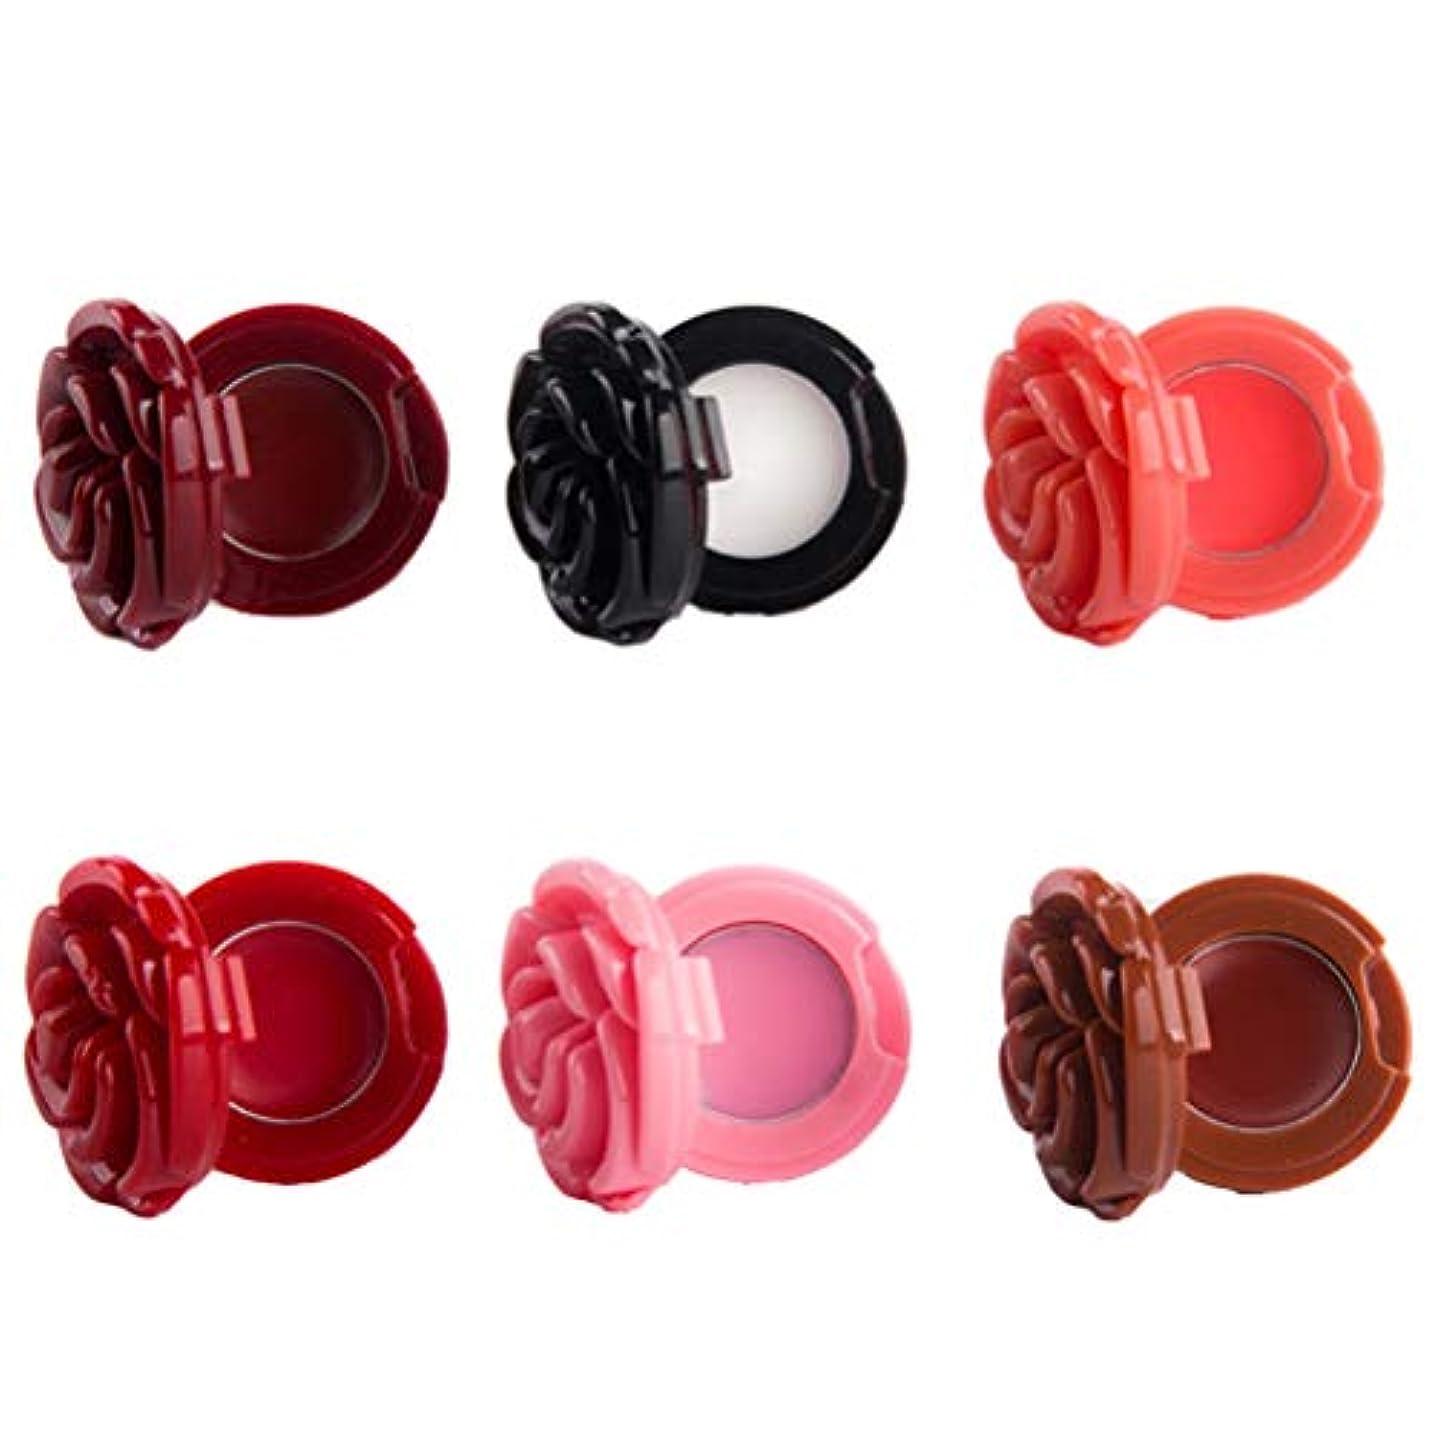 木前奏曲迷路Beaupretty 6ピース花の形の空の化粧容器詰め替え式容器付きミラーDIY化粧容器ケース口紅リップクリームアイシャドウ(合金パンなし)